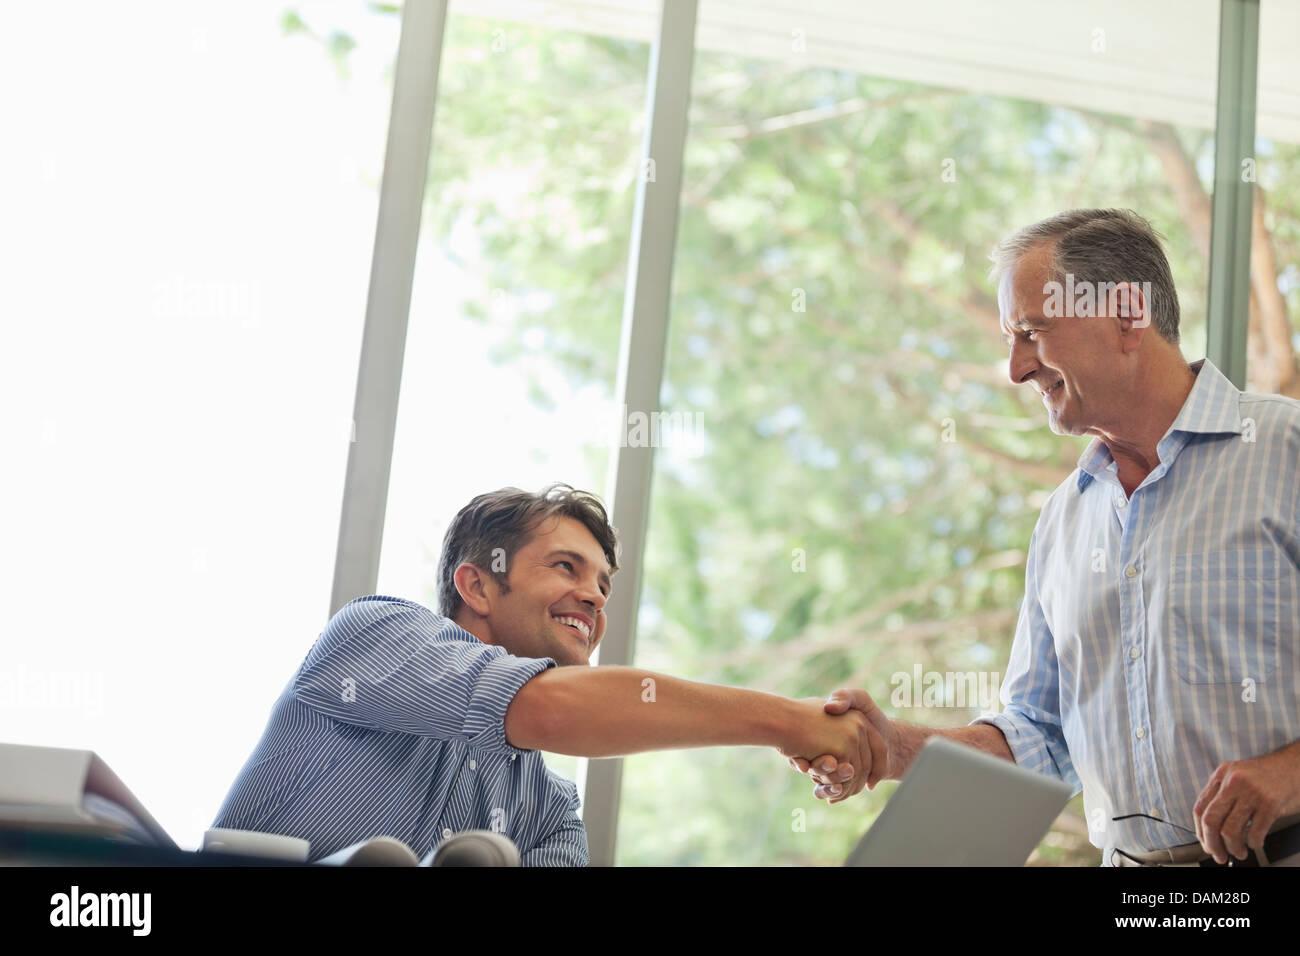 Men shaking hands in living room - Stock Image